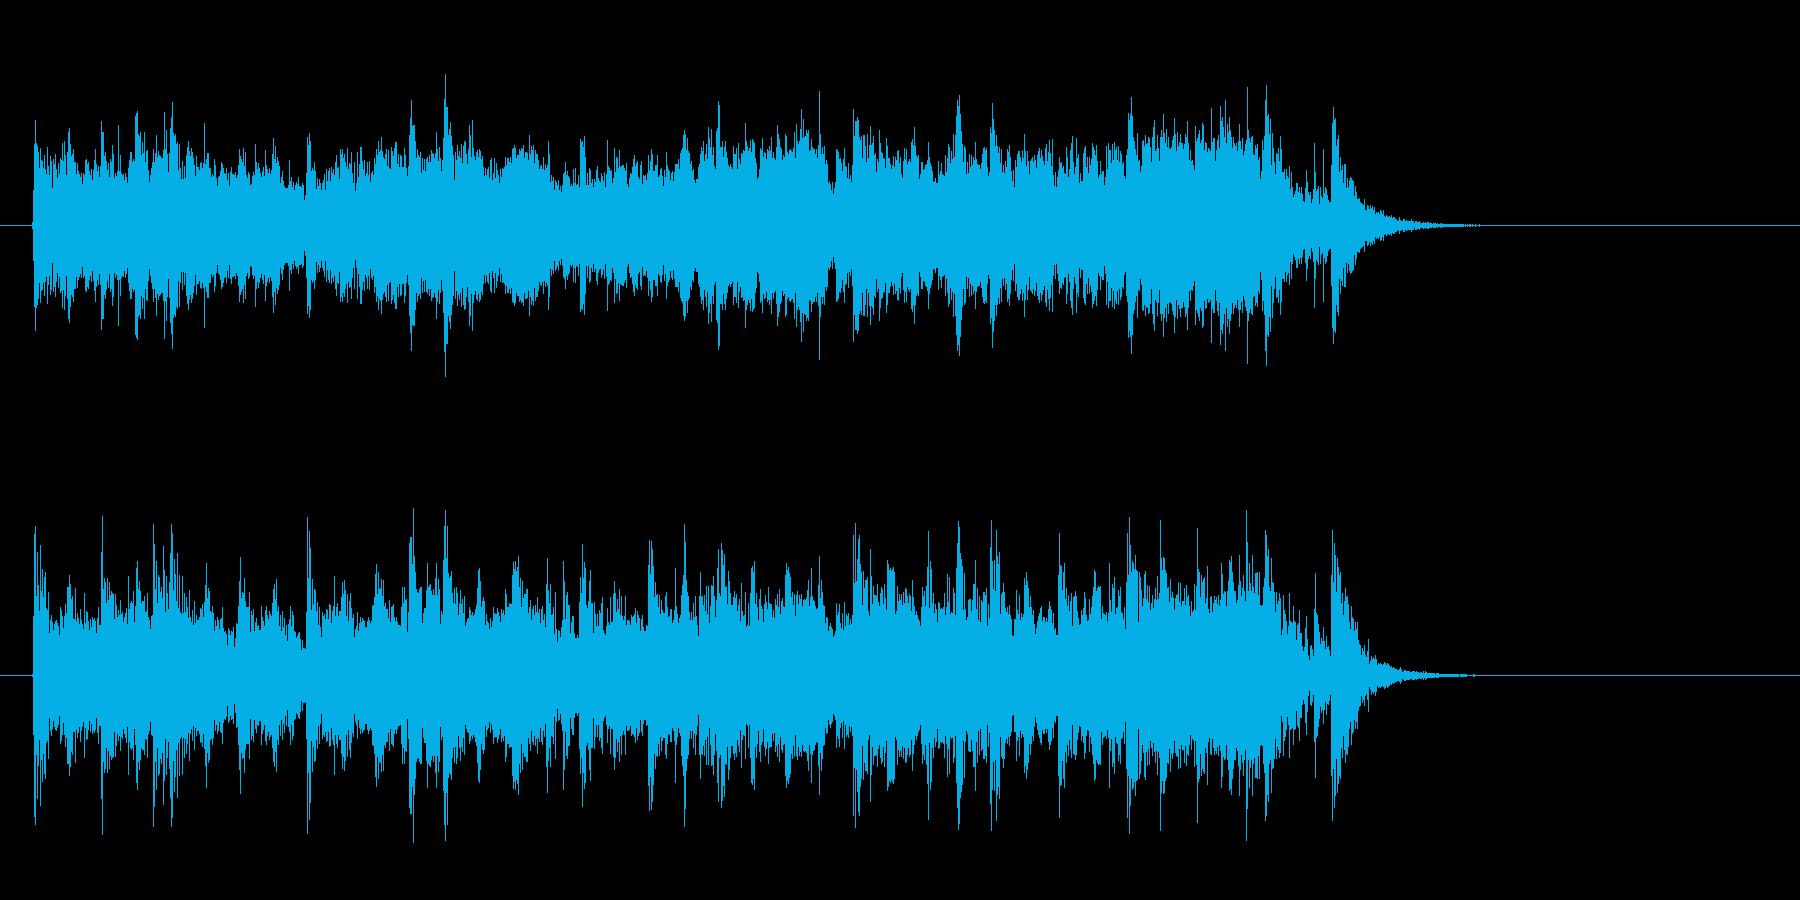 素朴なフォークポップス(サビ)の再生済みの波形